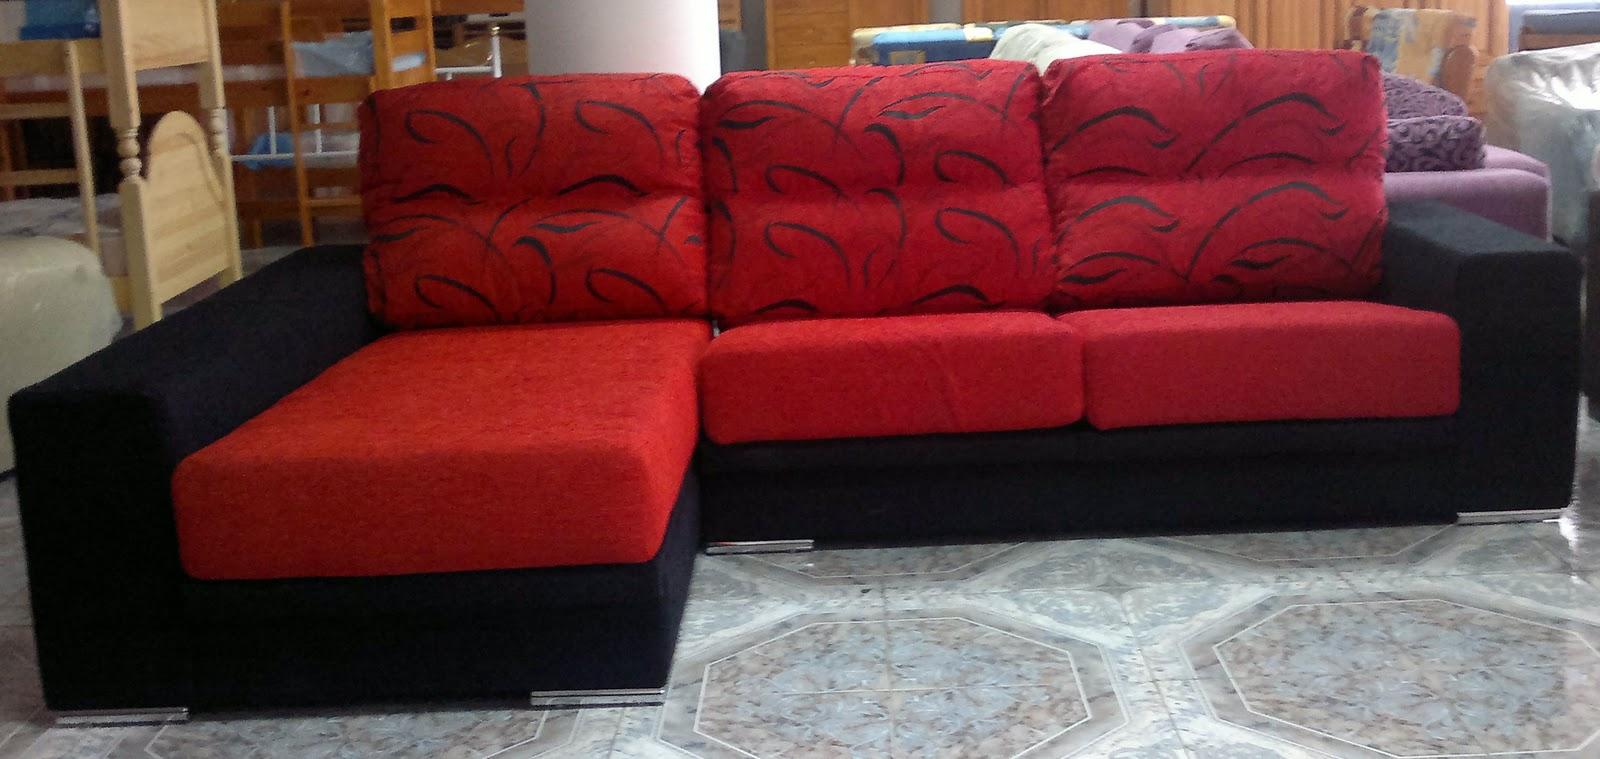 Comercial fabio benjamin muebles y electrodomesticos y - Muebles todo hogar ...